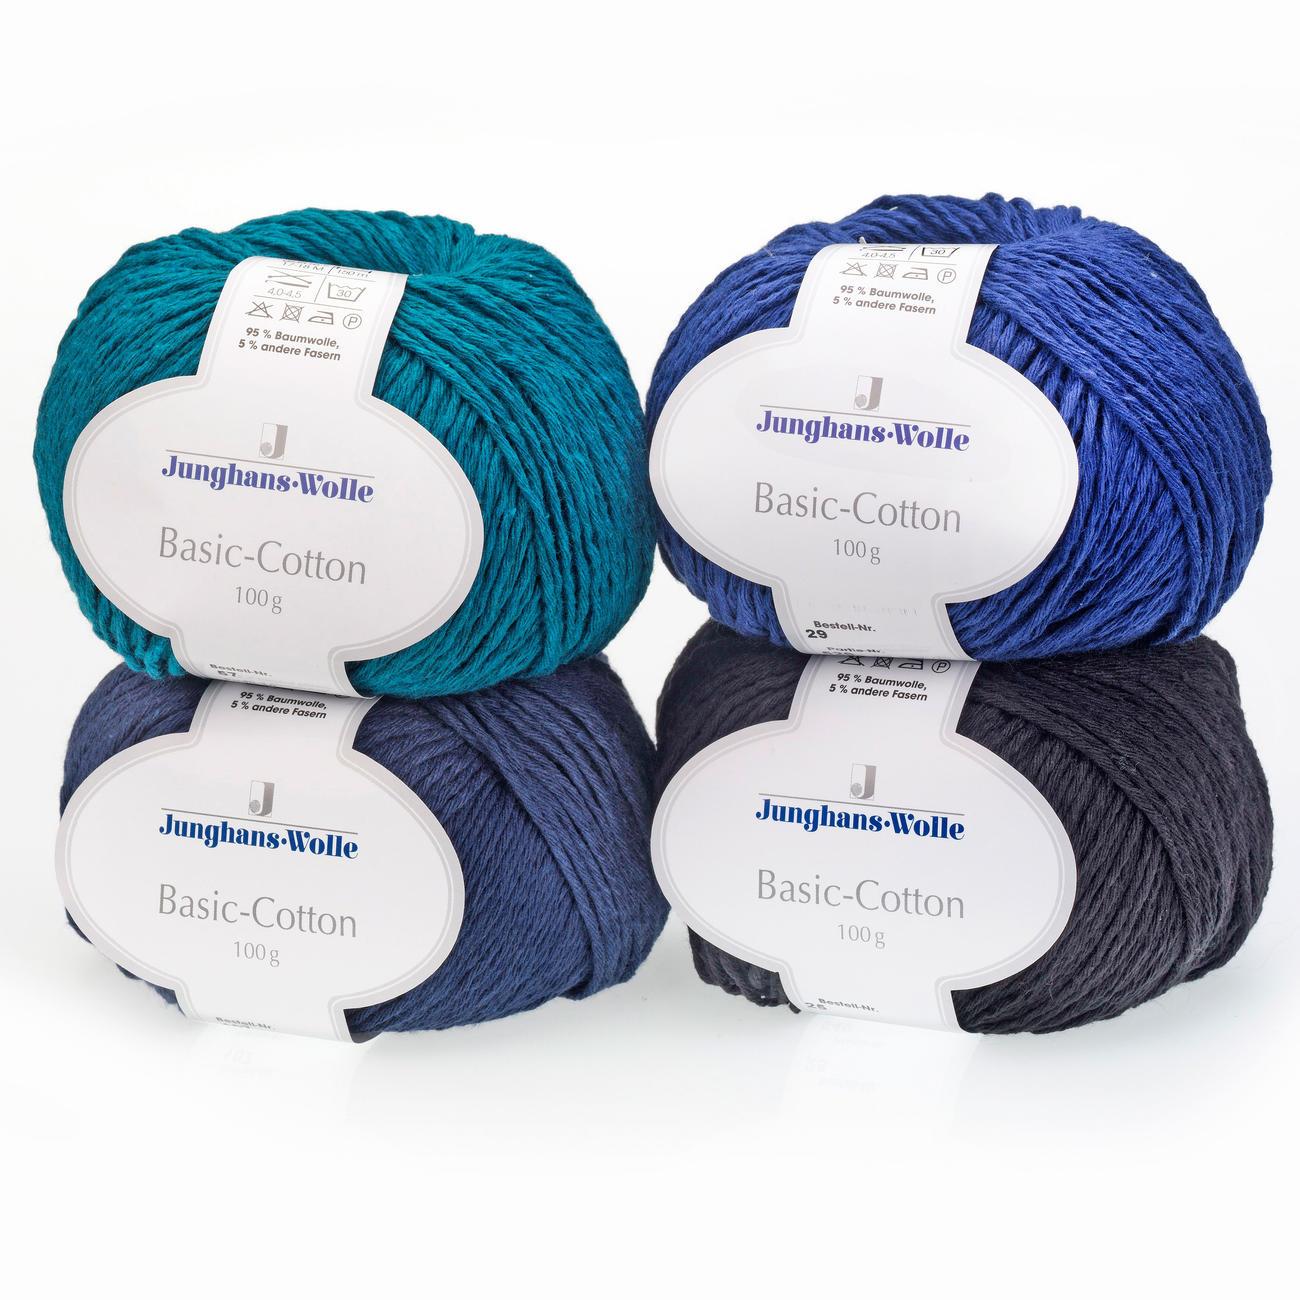 Basic cotton von junghans wolle 8 versch farben - Junghanns wolle ...